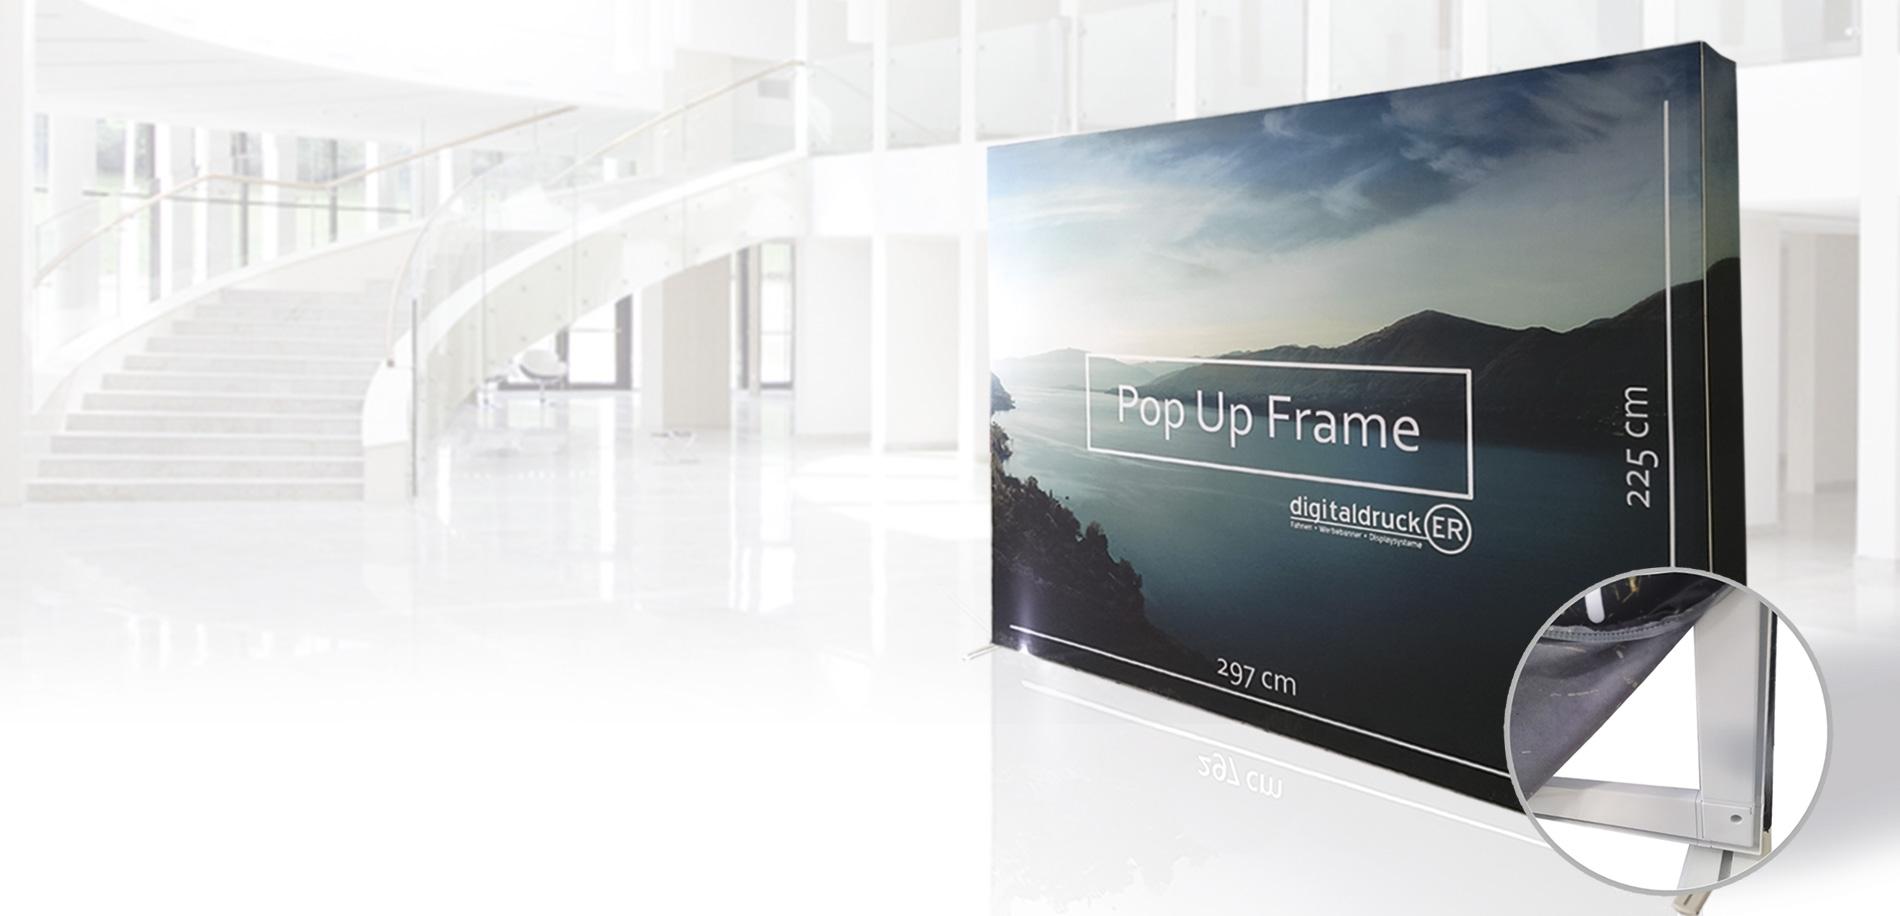 Pop-Up Frame